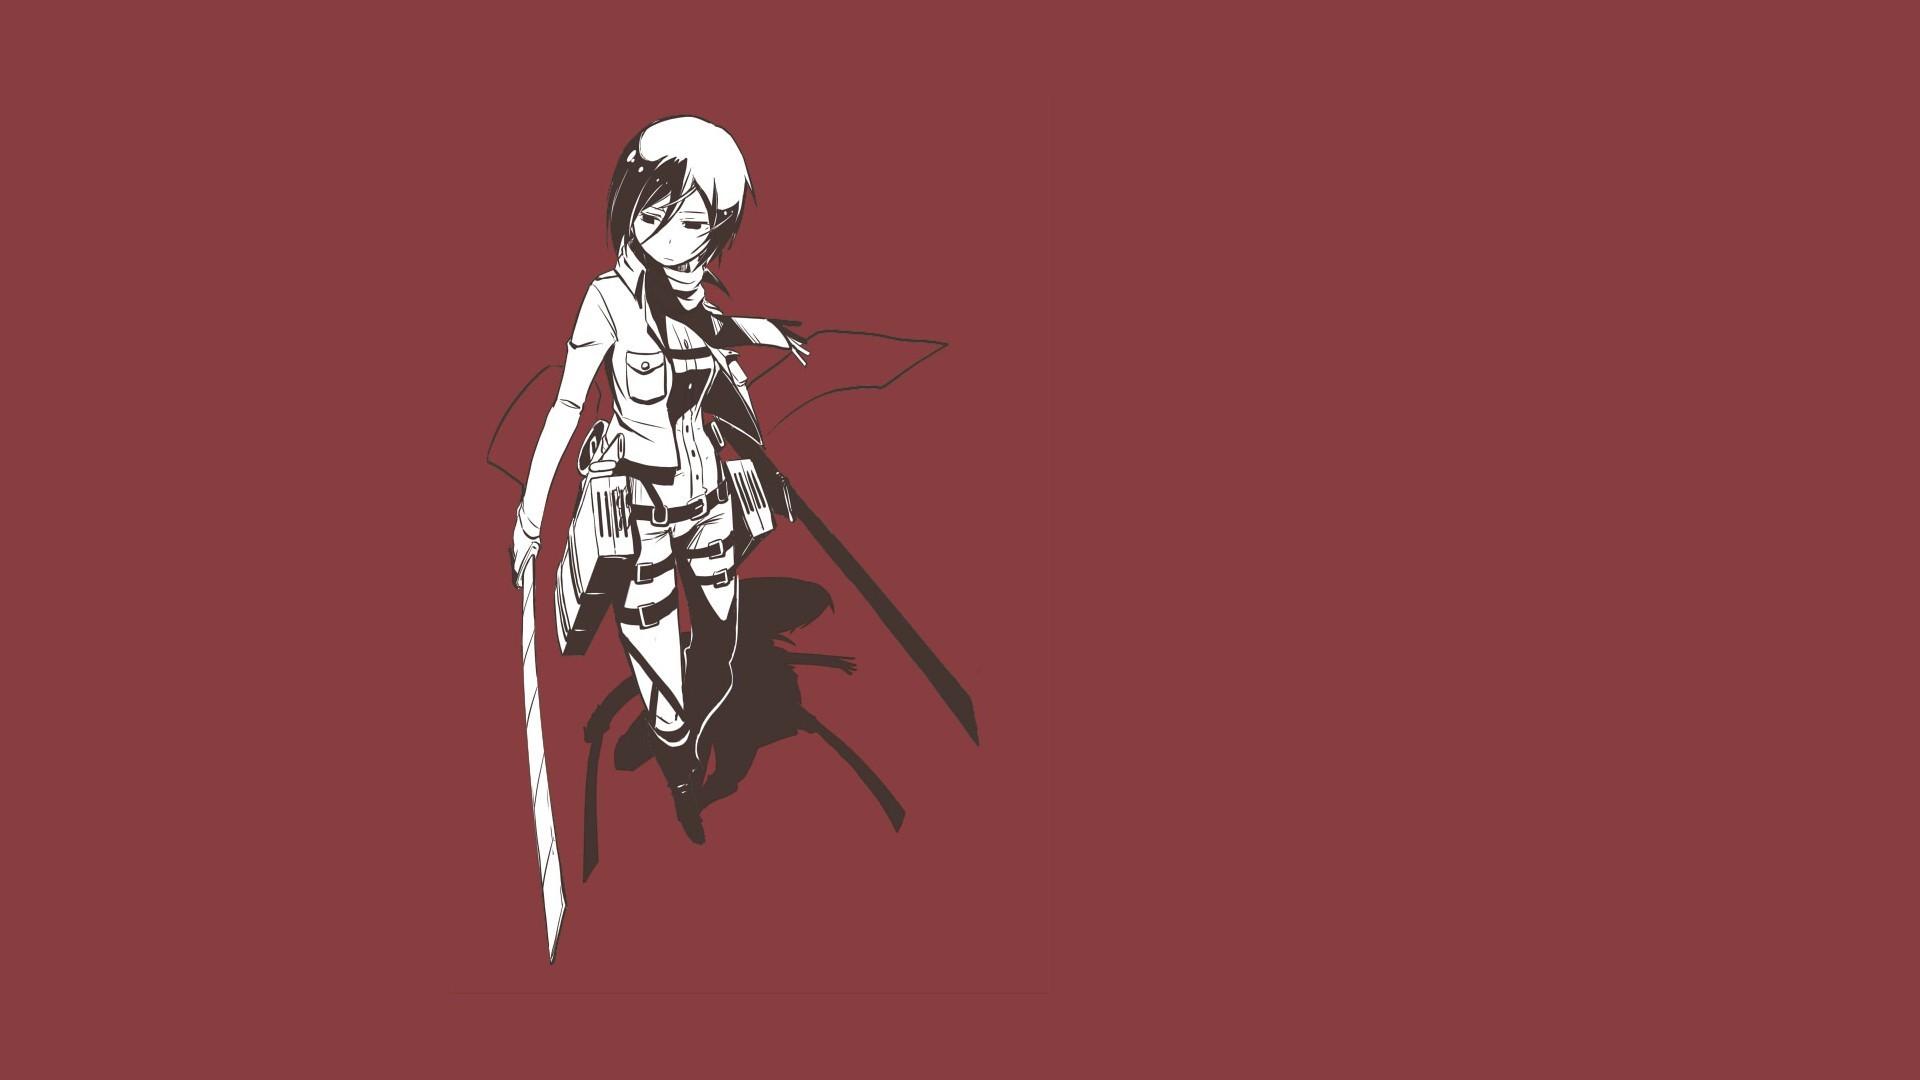 Anime – Attack On Titan Mikasa Ackerman Wallpaper